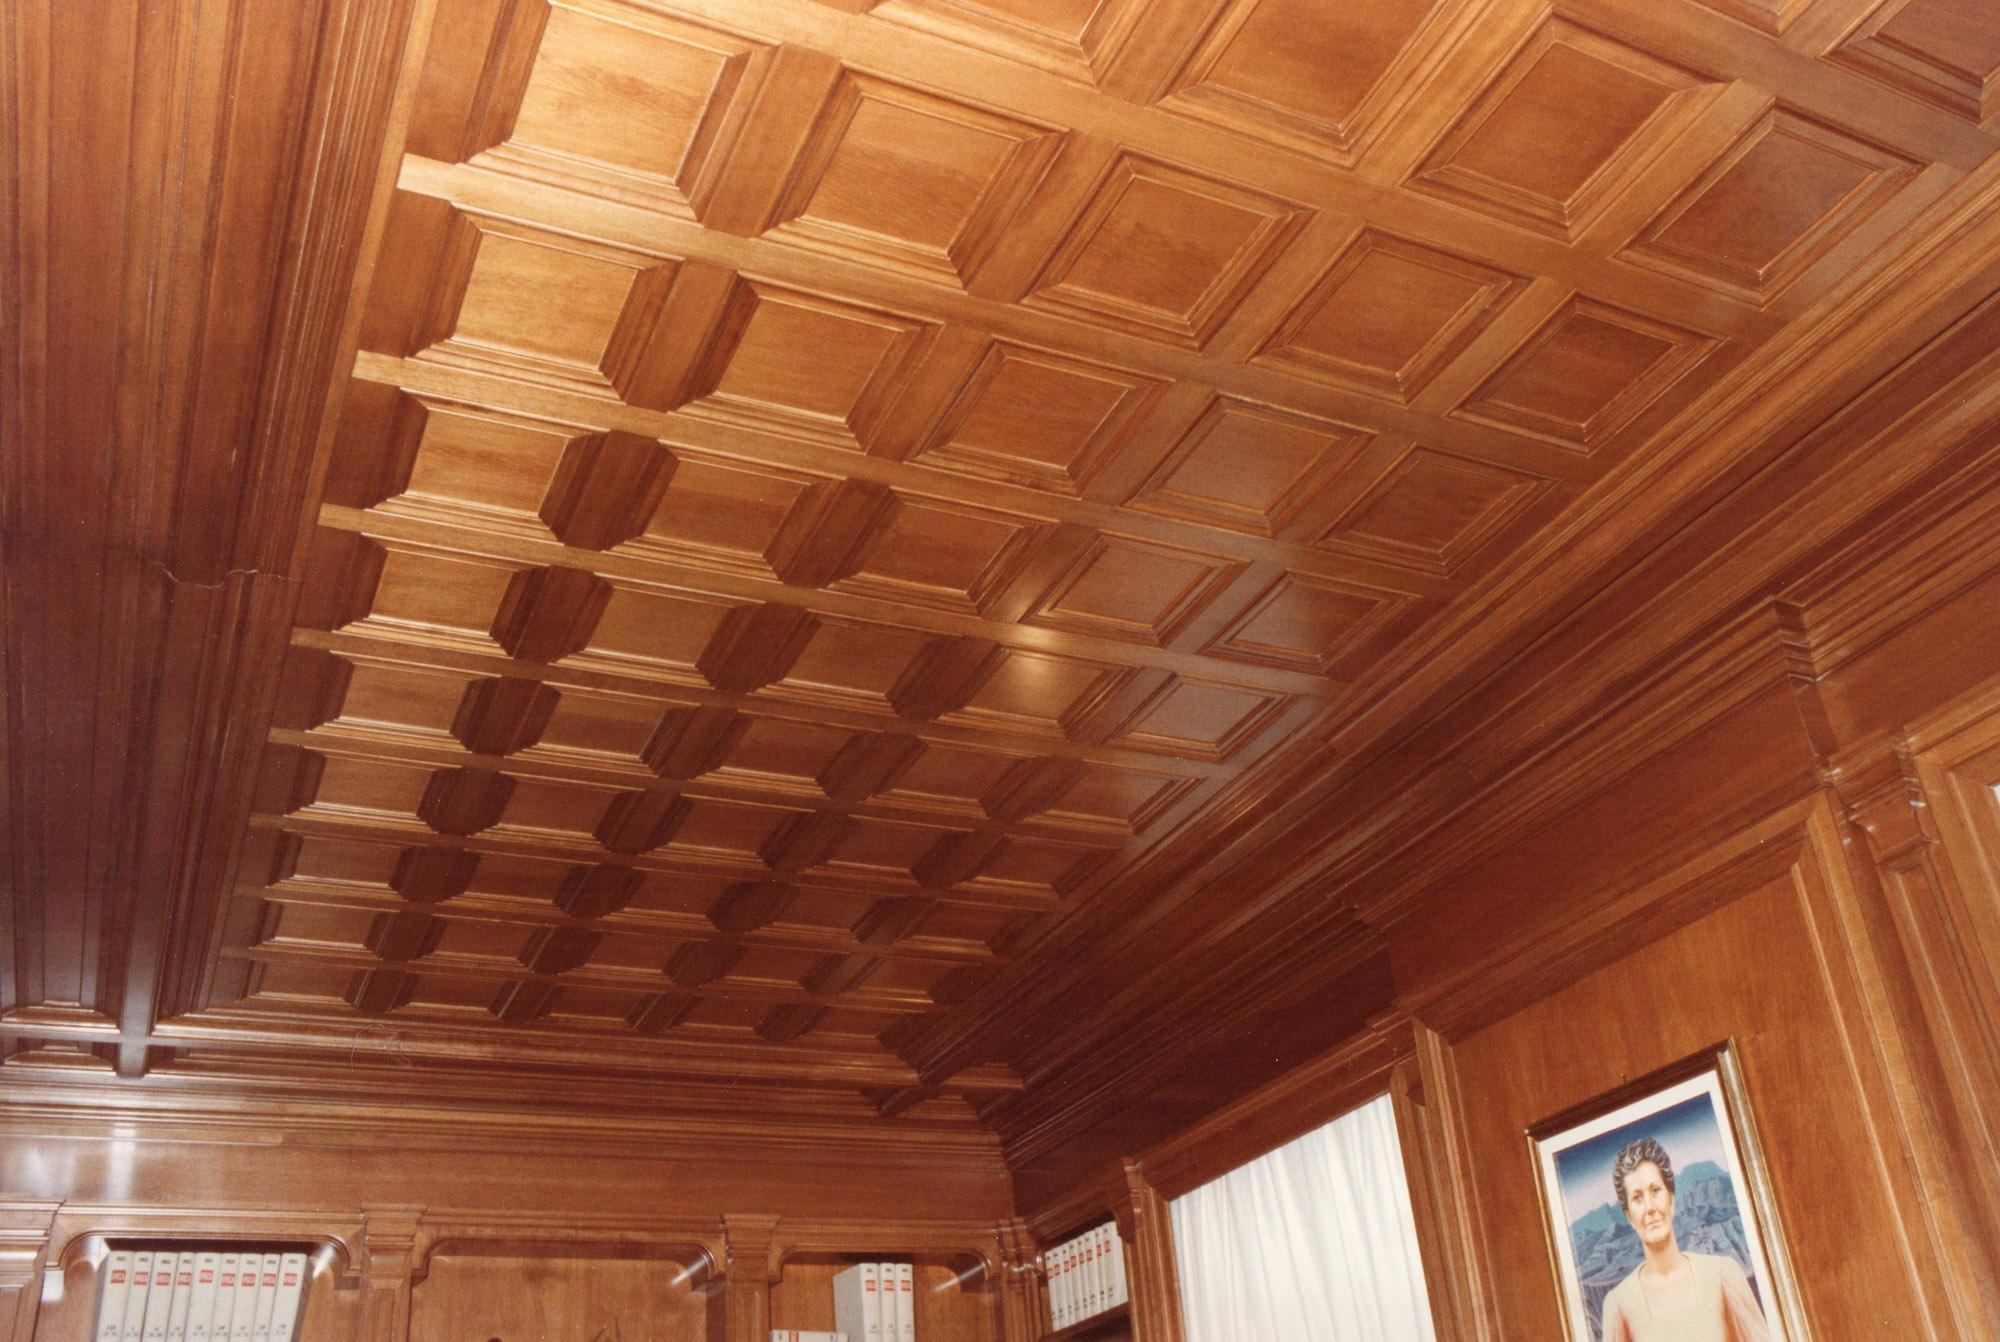 Soffitto In Legno Lamellare : Soffitto in legno lamellare fabulous cool soffitto legno